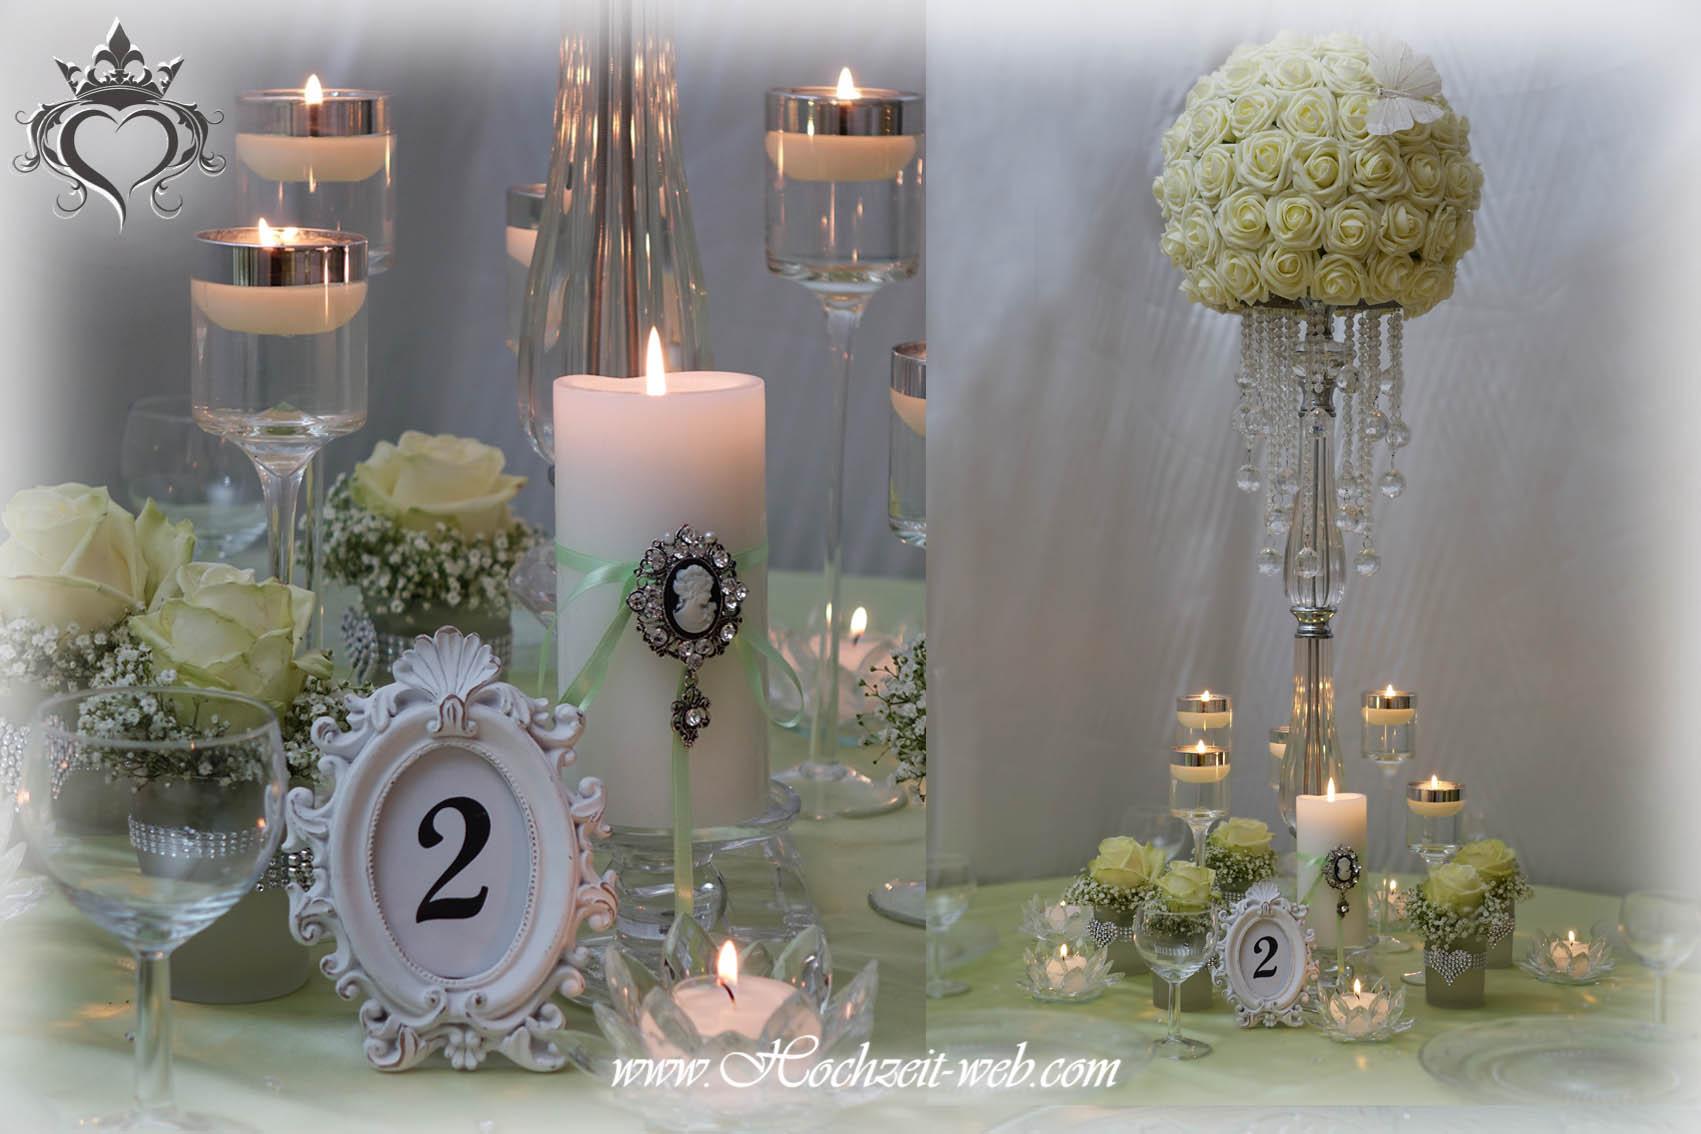 Hochzeitsdekoration und hochzeitsdeko in duisburg for Hochzeitsdekoration